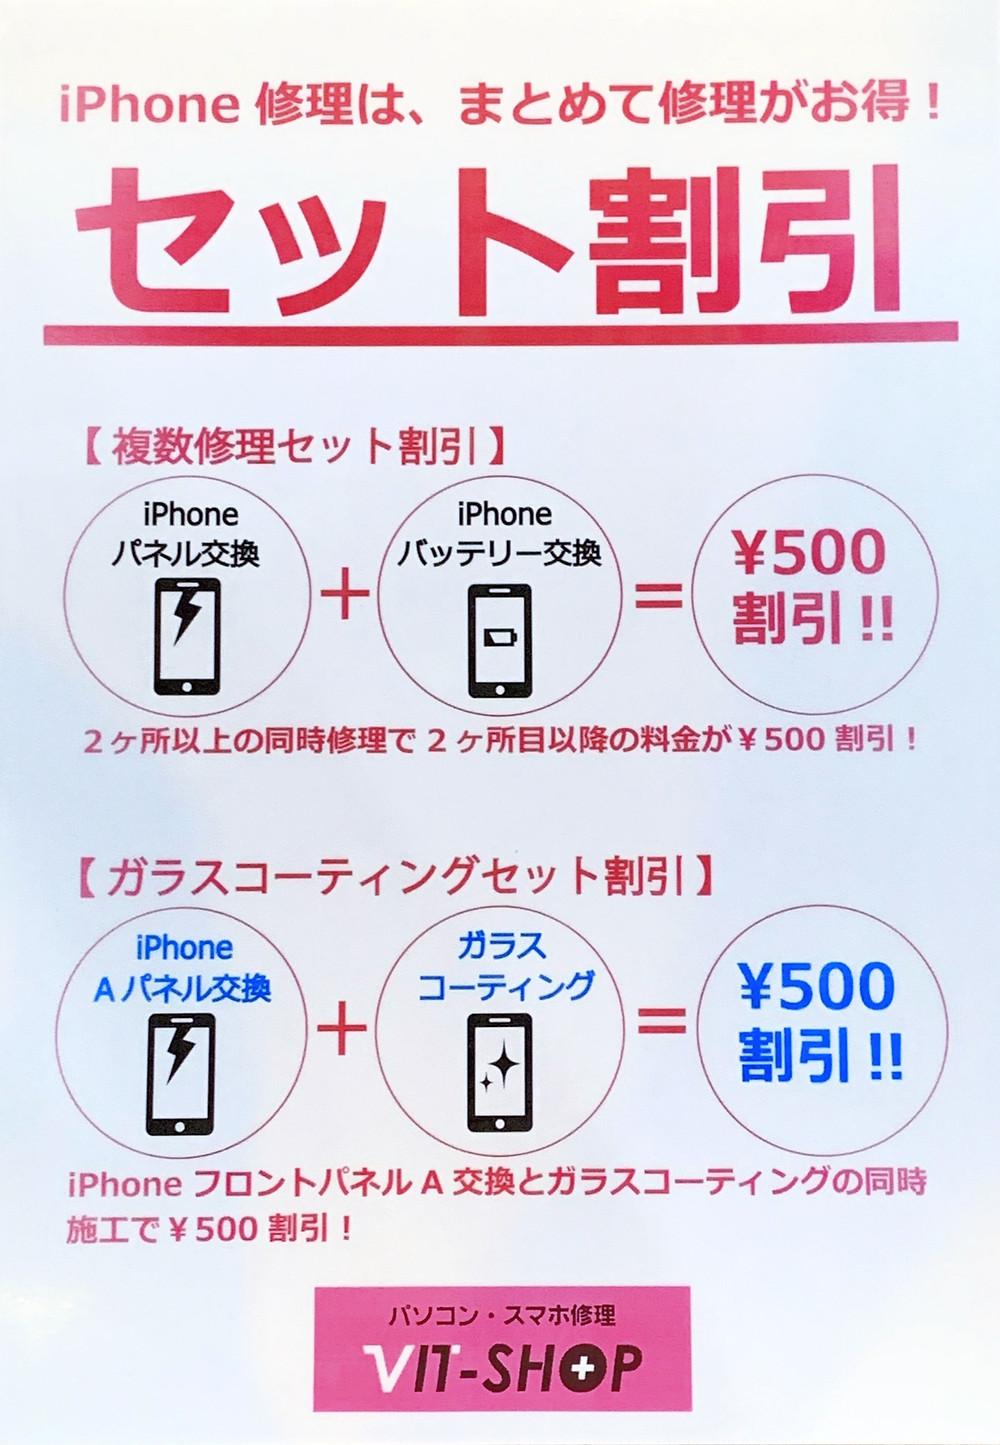 iPhone修理|お得なセット割引を実施中です!